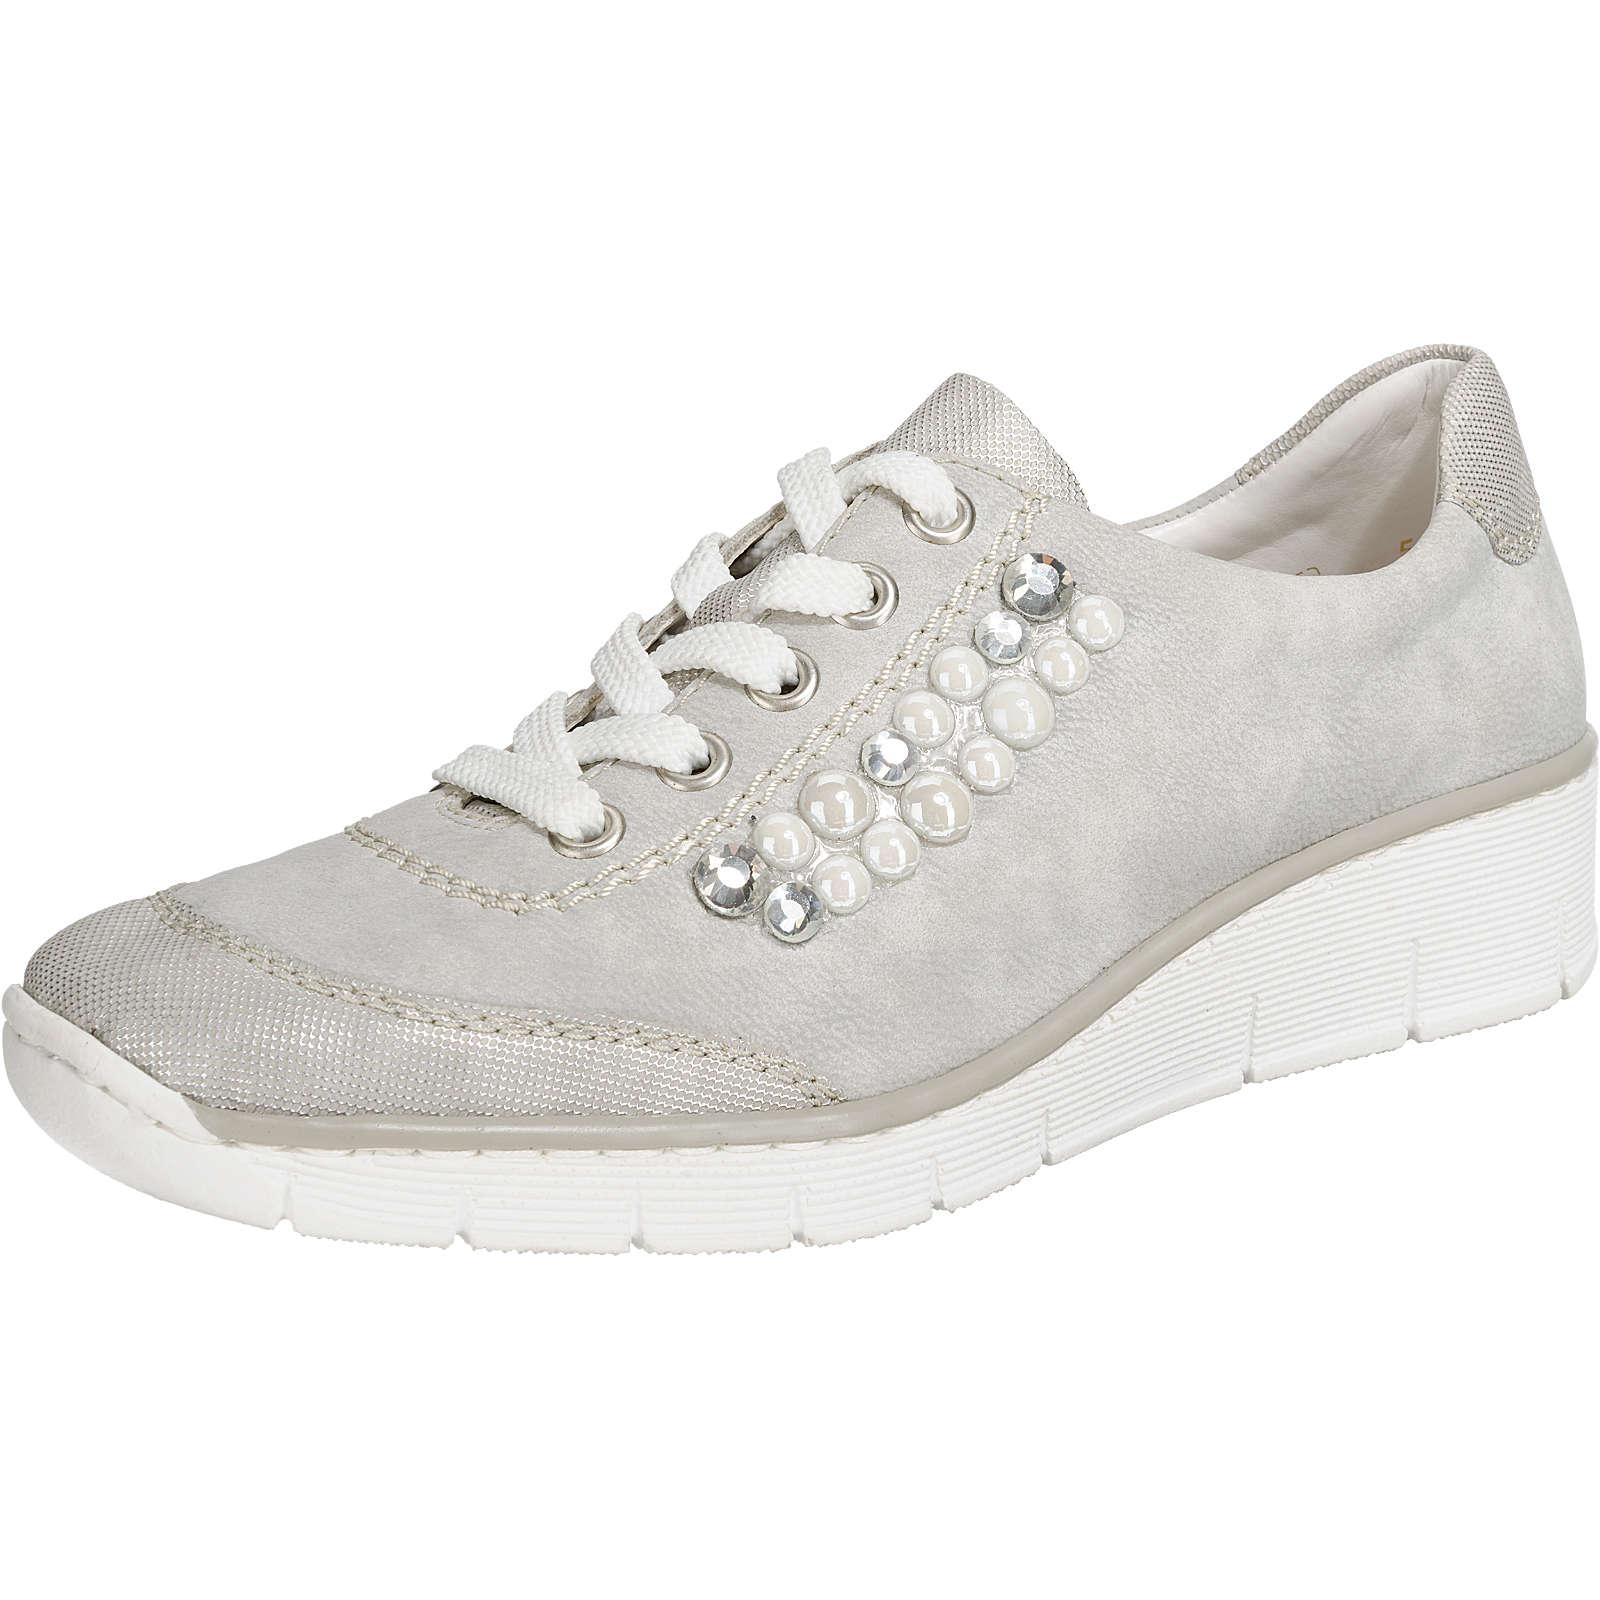 rieker Sneakers grau Damen Gr. 42